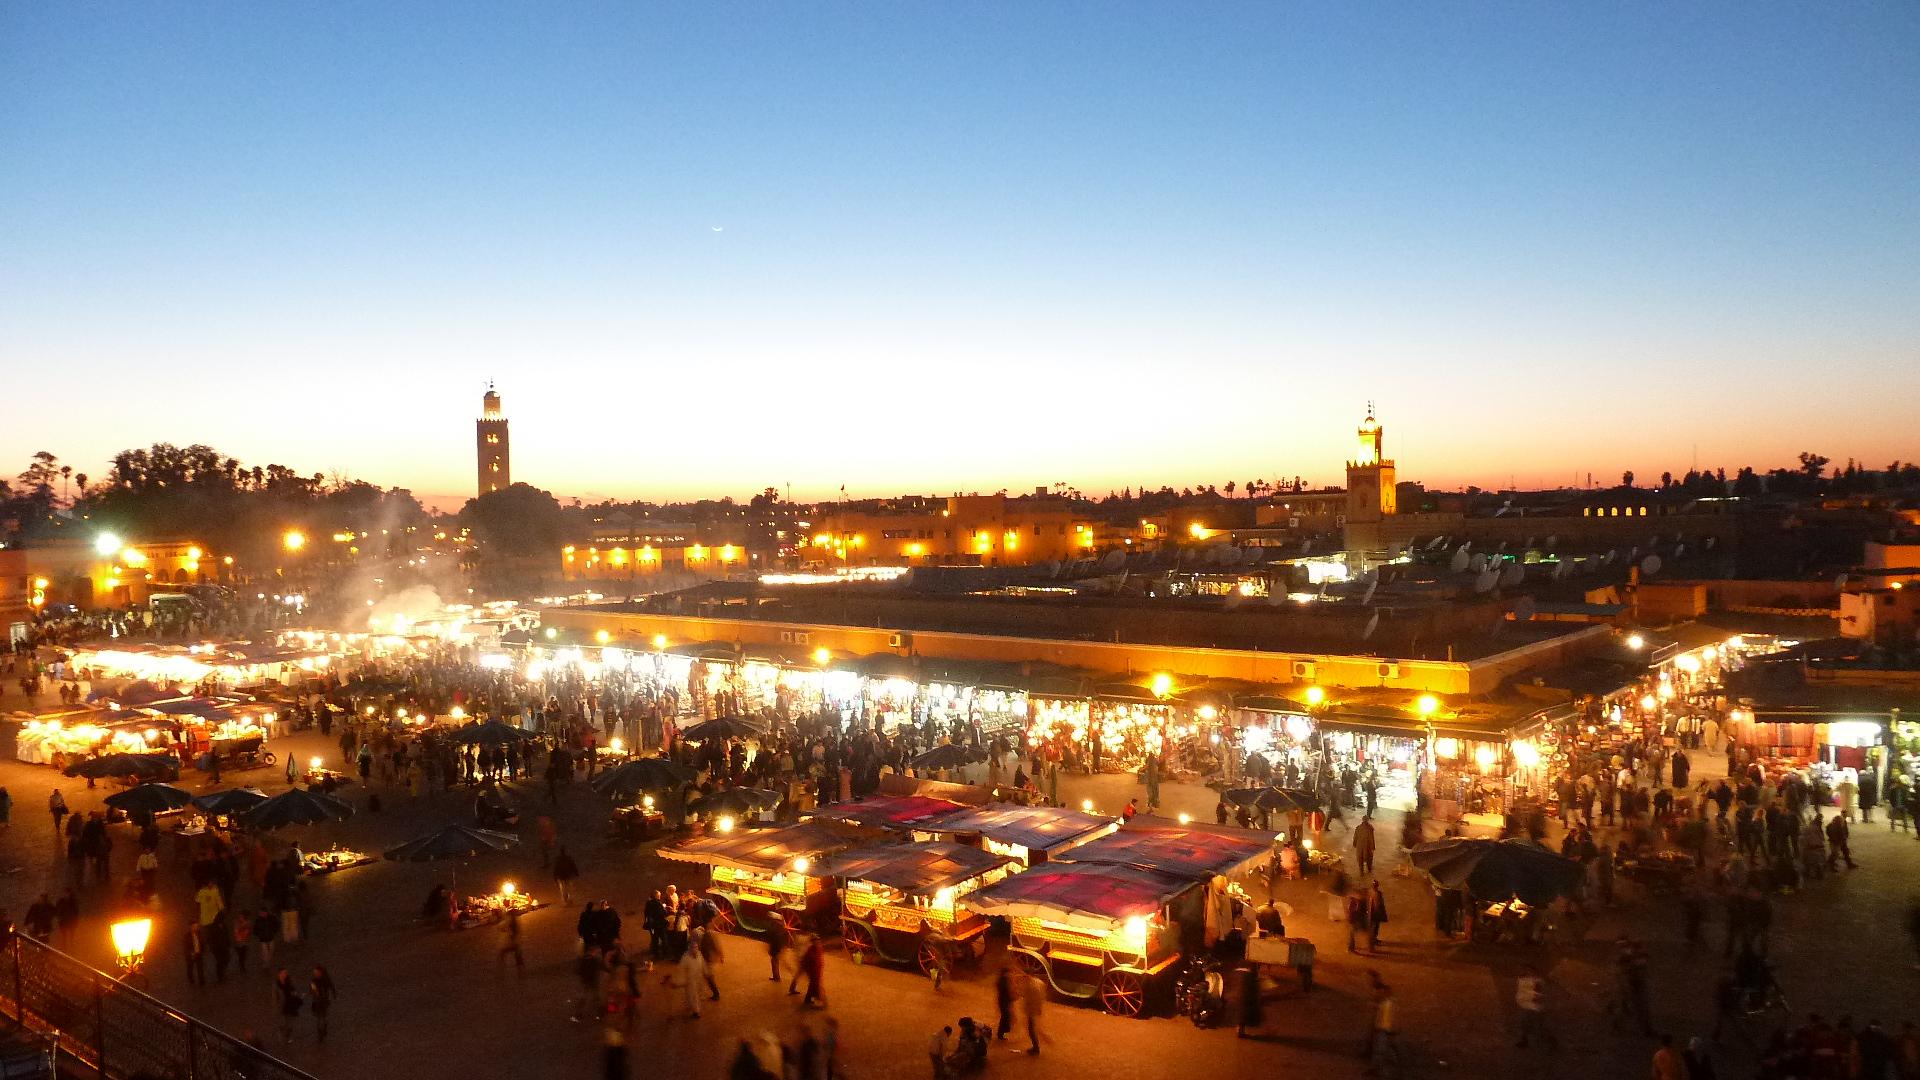 مدينه مراكش 7 صور مدينه مراكش Marrakesh